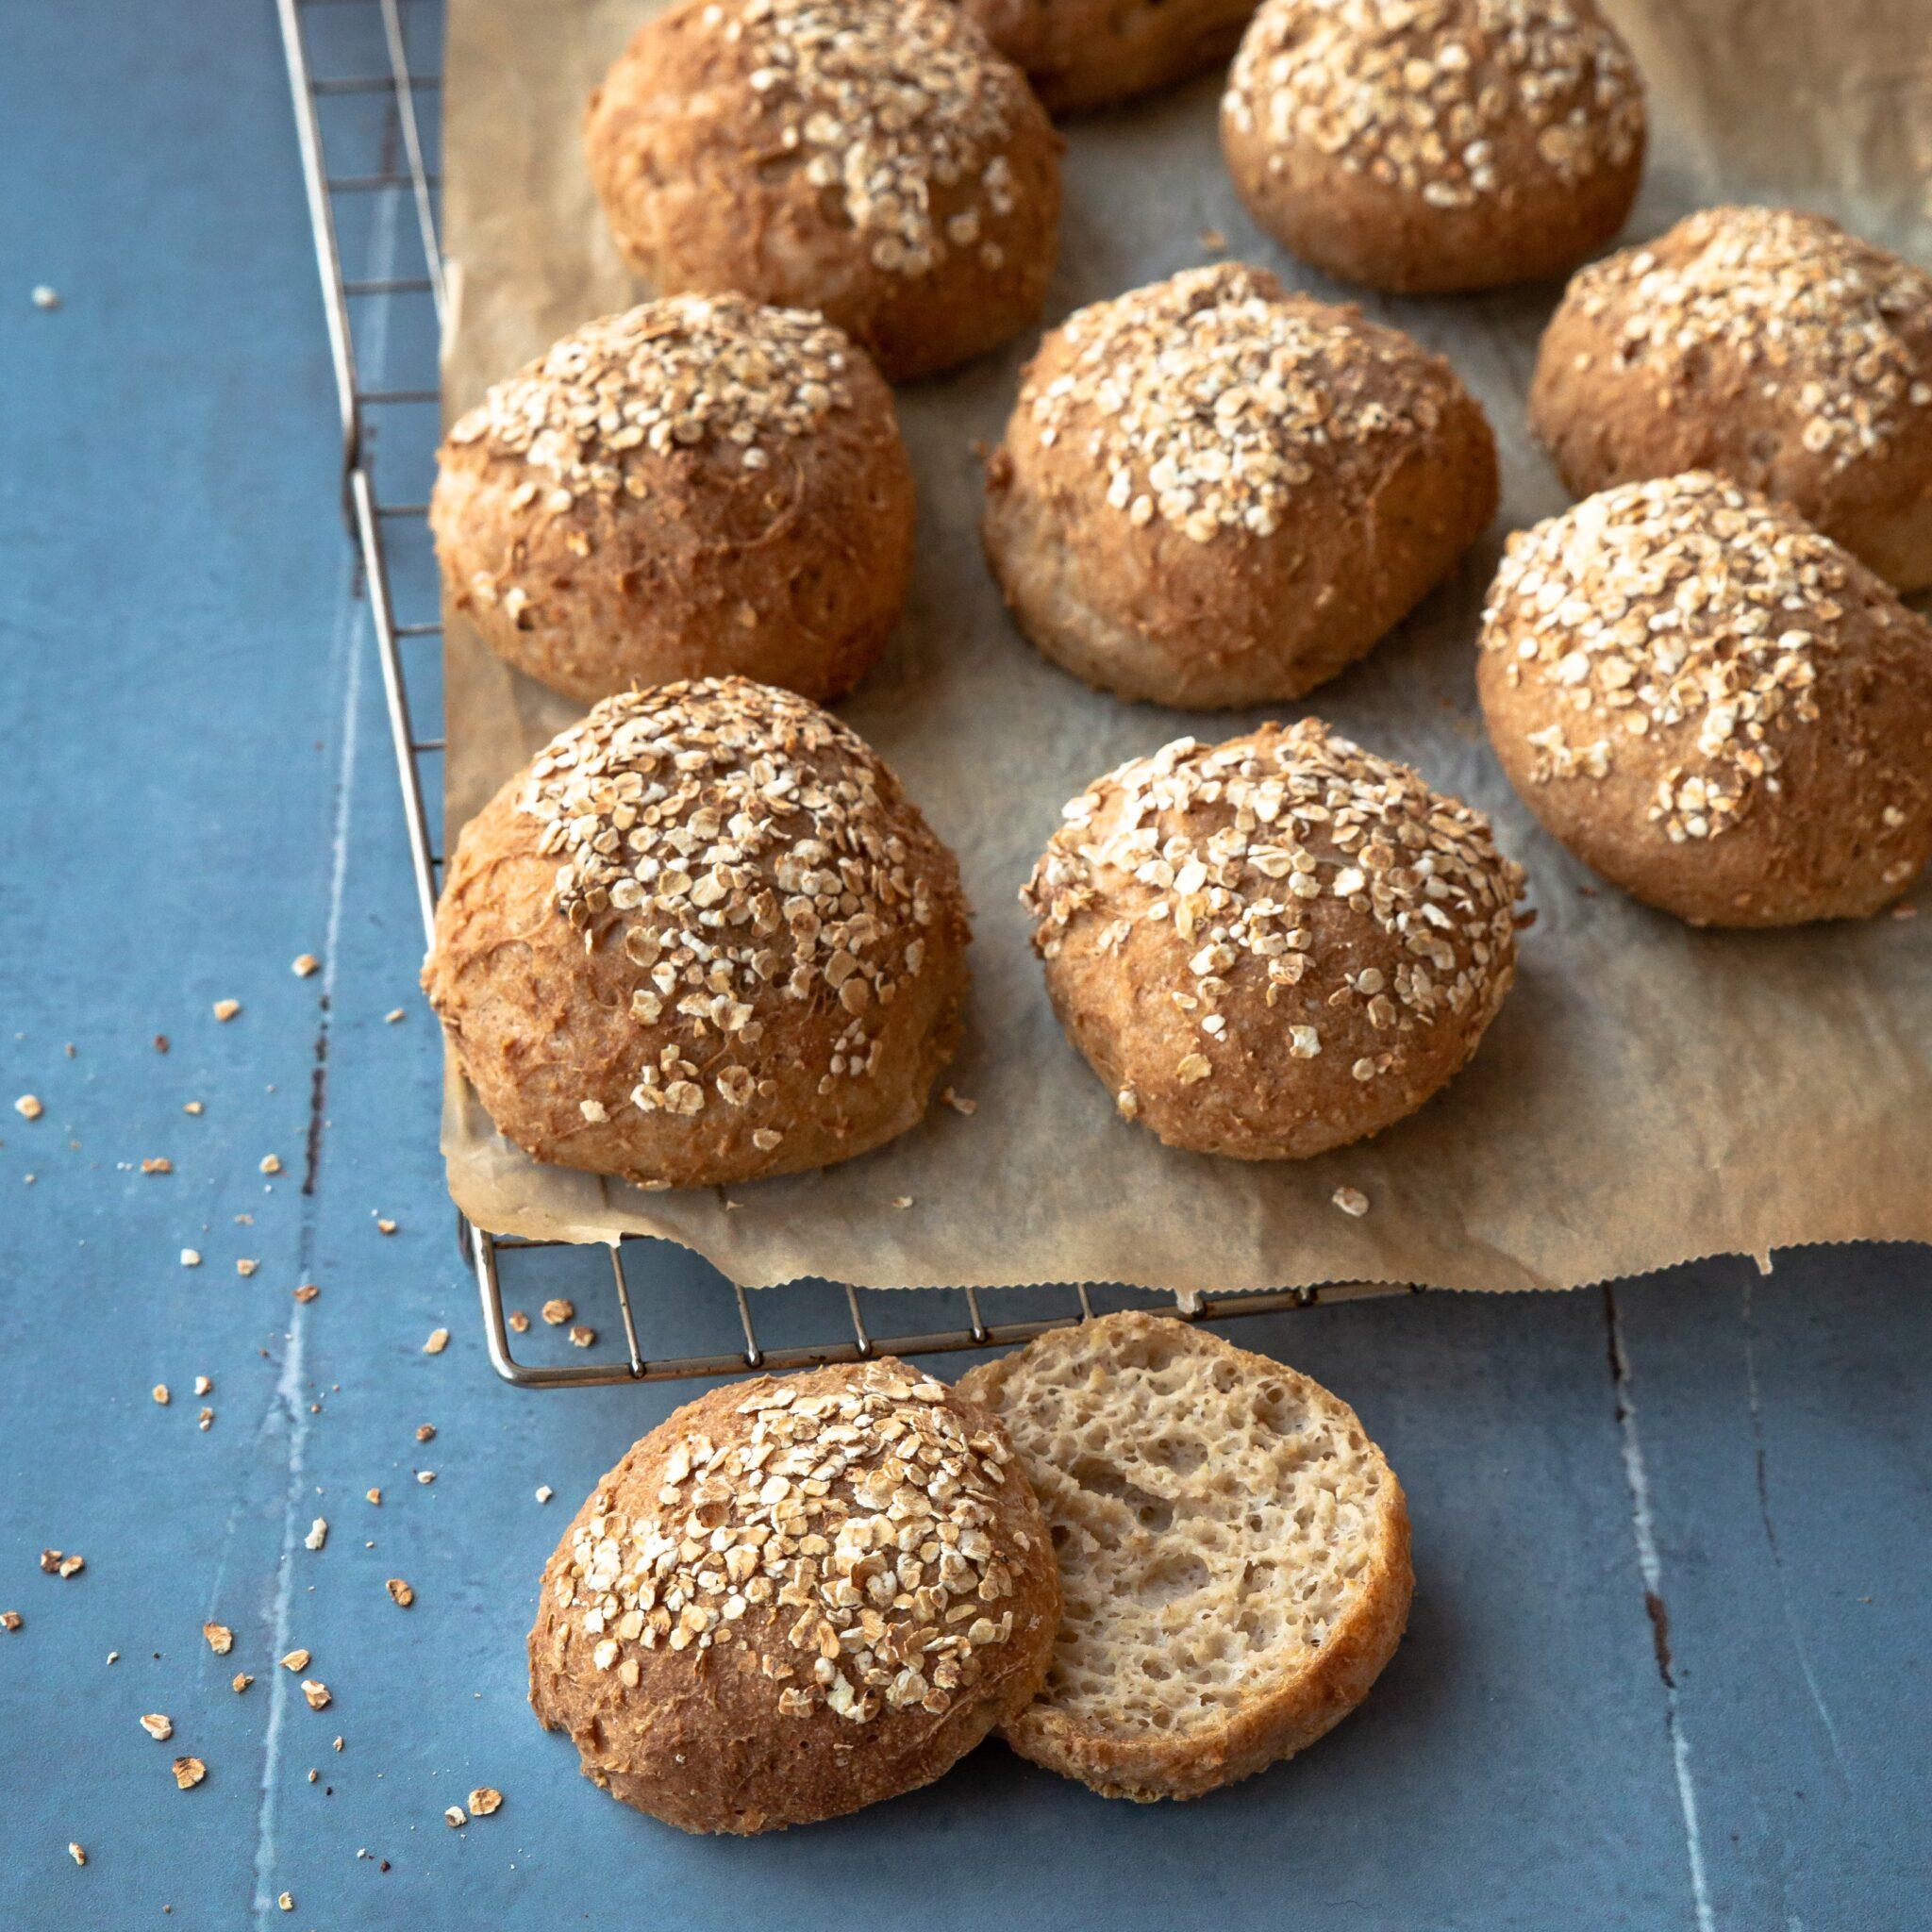 glutenfri havreboller fra bagekursus